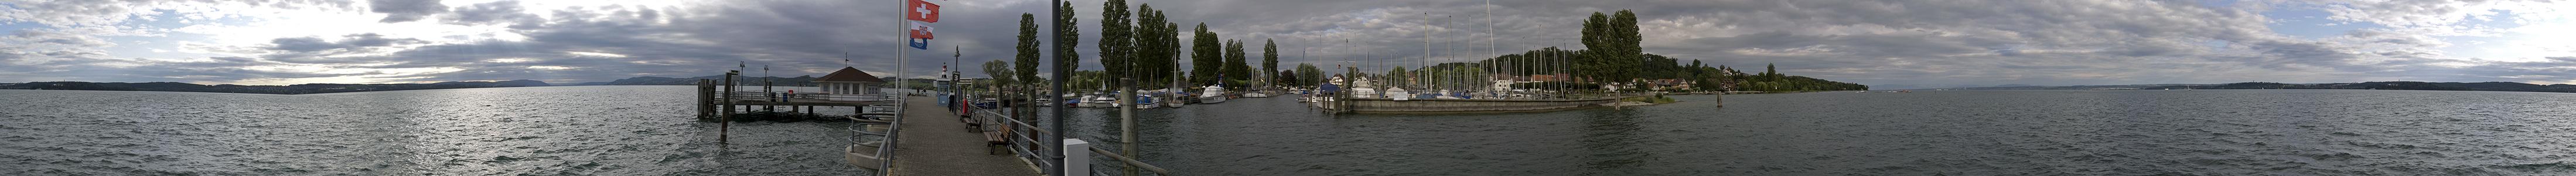 Unteruhldingen Bodensee, Überlinger See, Anlegestelle, Hafen, Bodensee